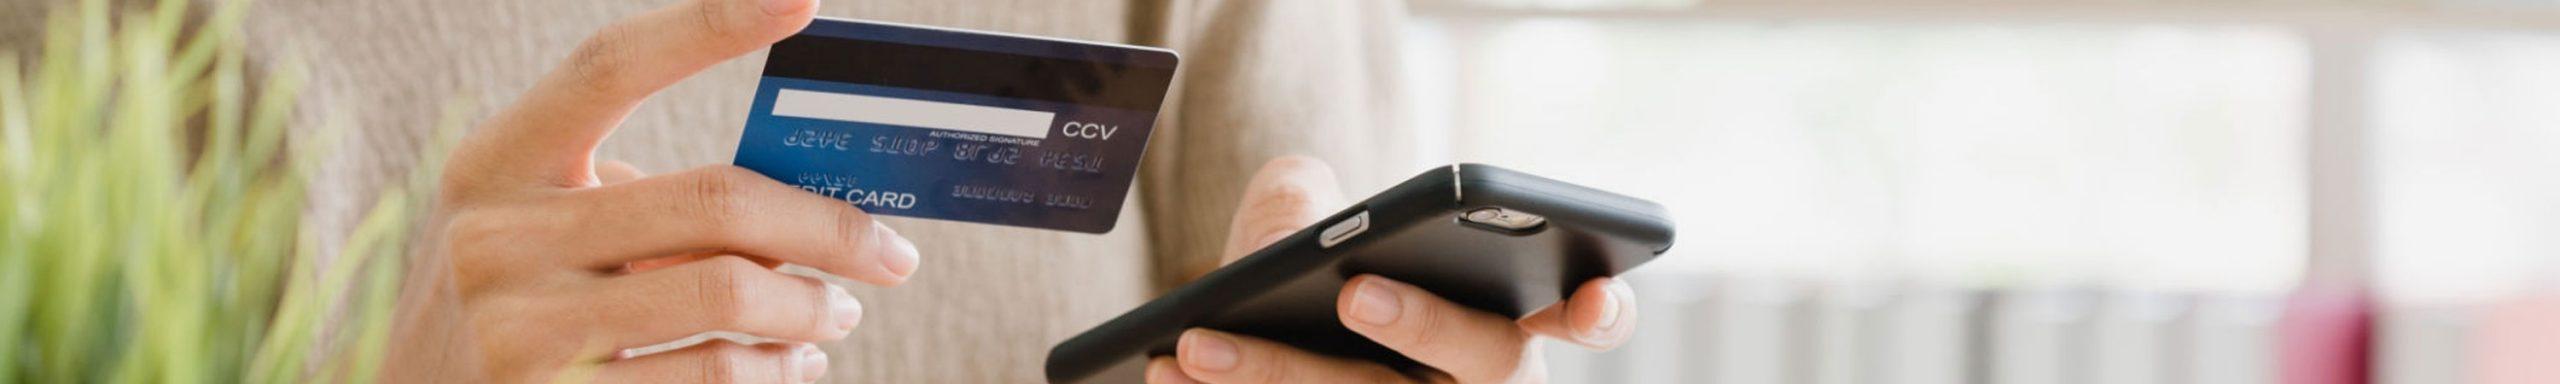 pagos mobile store Ecuador